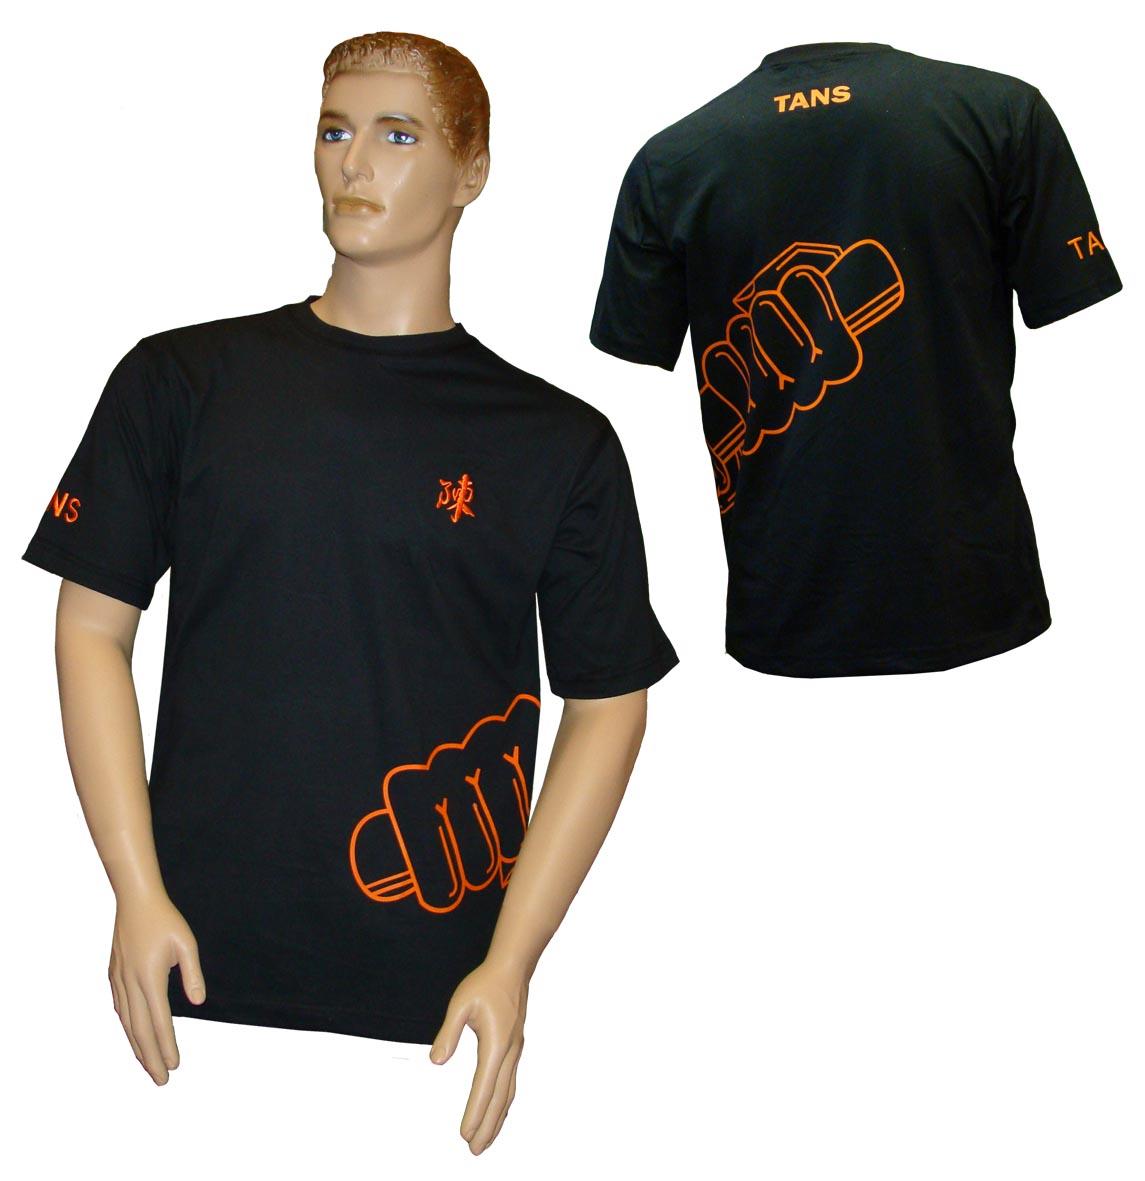 T.shirt Tans Body Fist-0